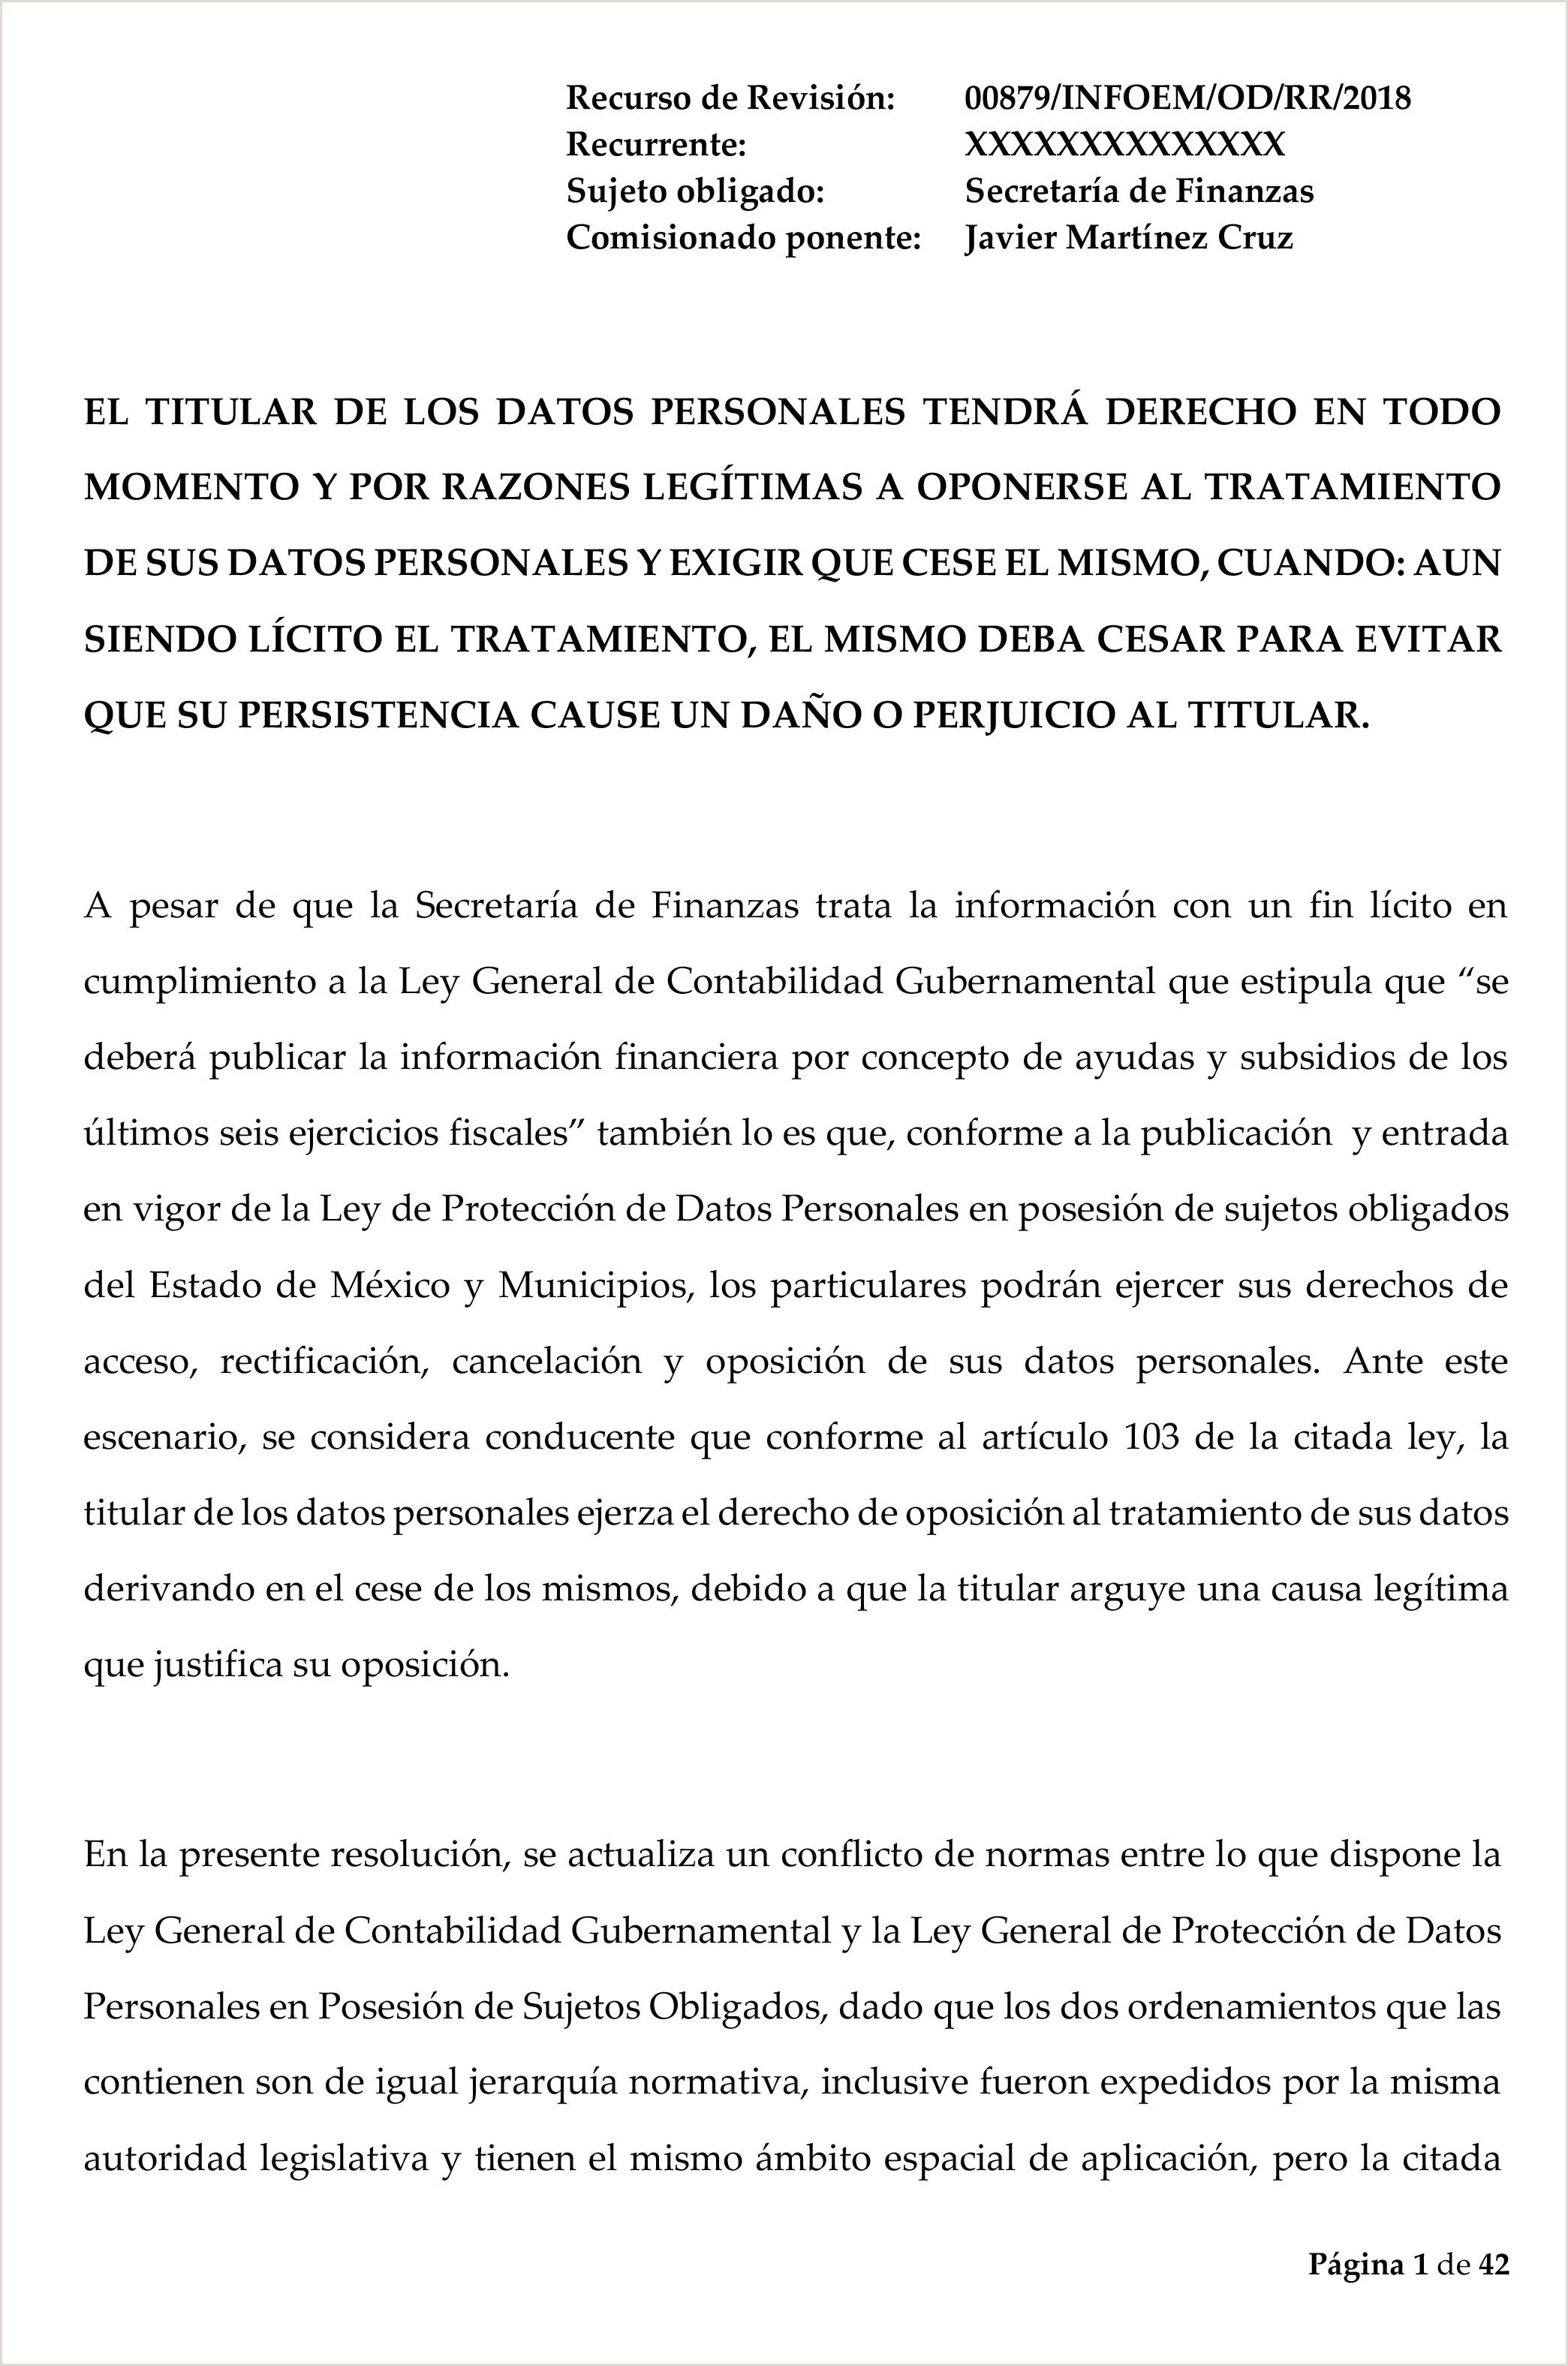 Descargar formato Hoja De Vida formato Unico Instituto Veracruzano De Acceso A La Informaci³n Y De